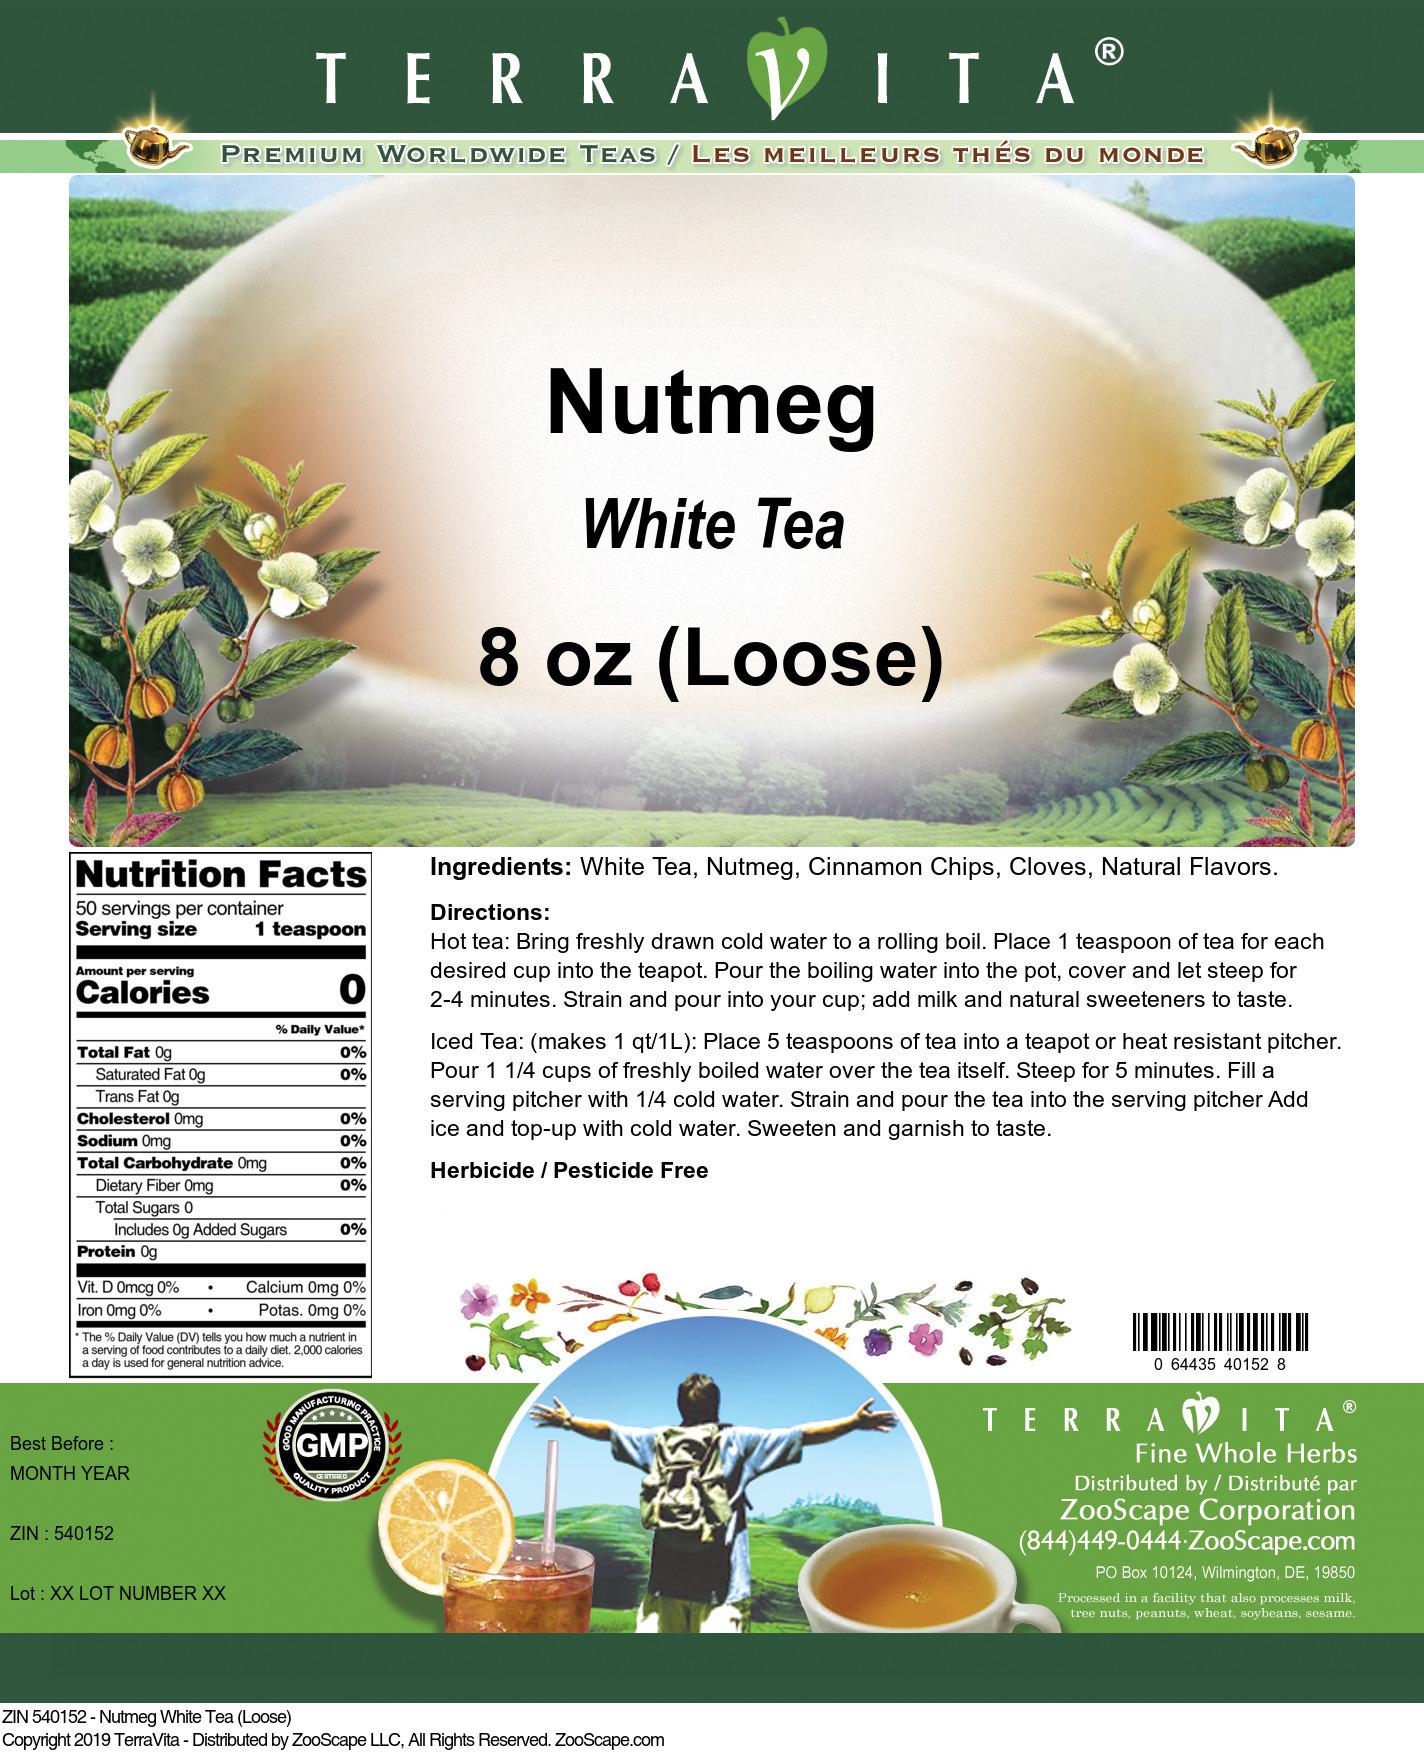 Nutmeg White Tea (Loose)